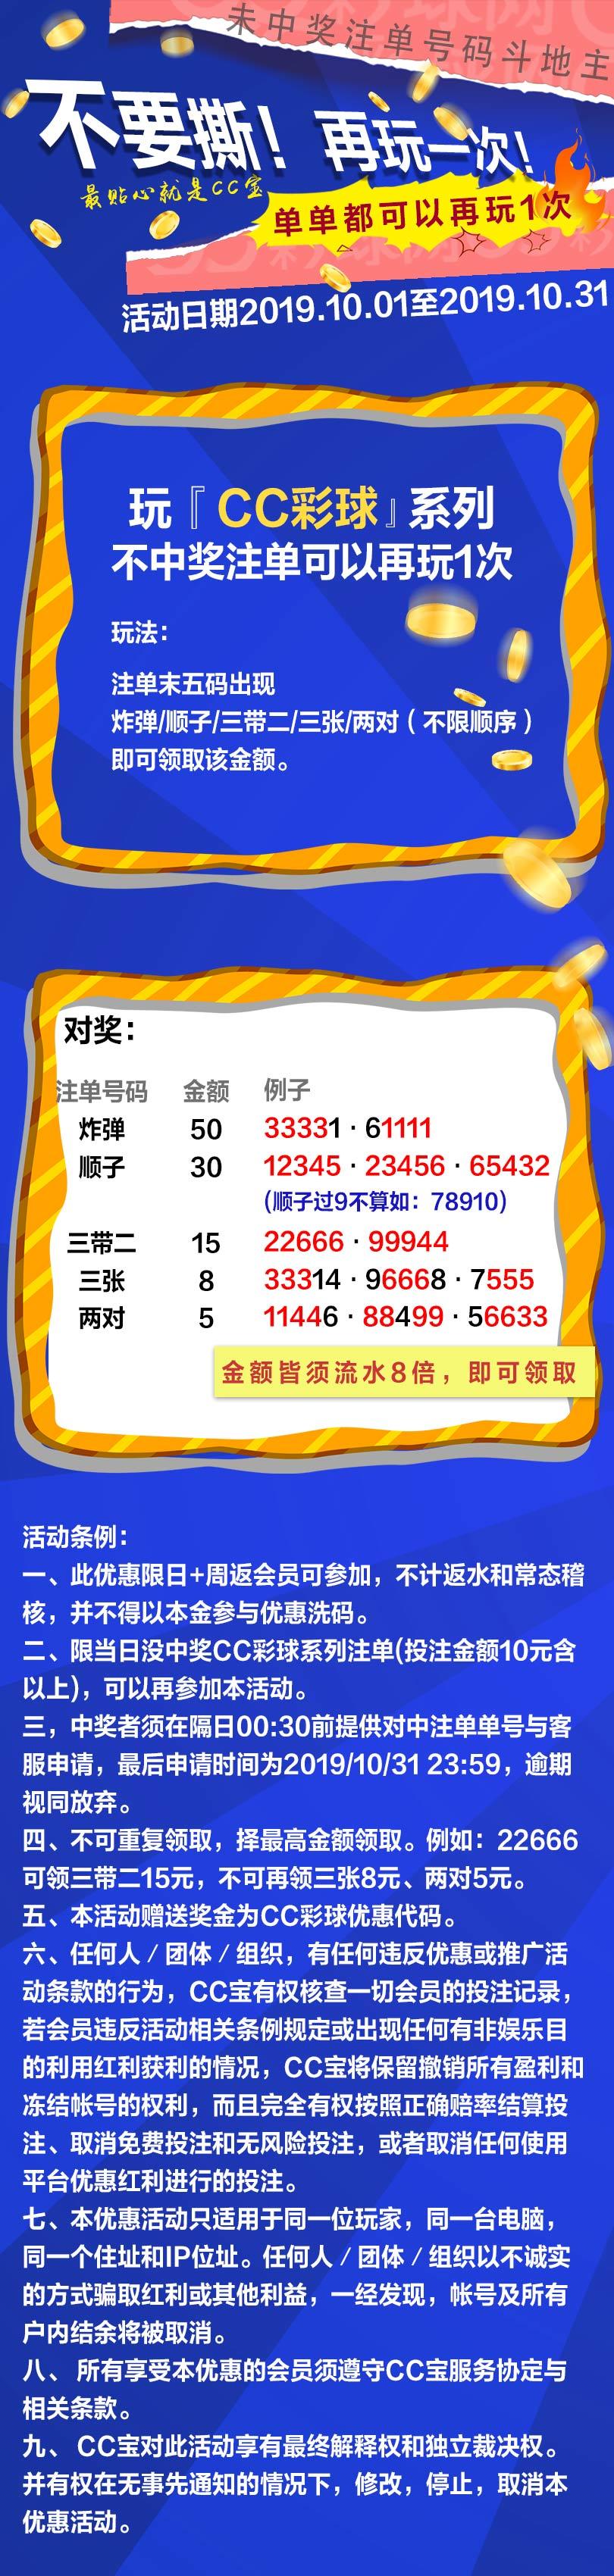 cc宝集团 彩票 北京赛车